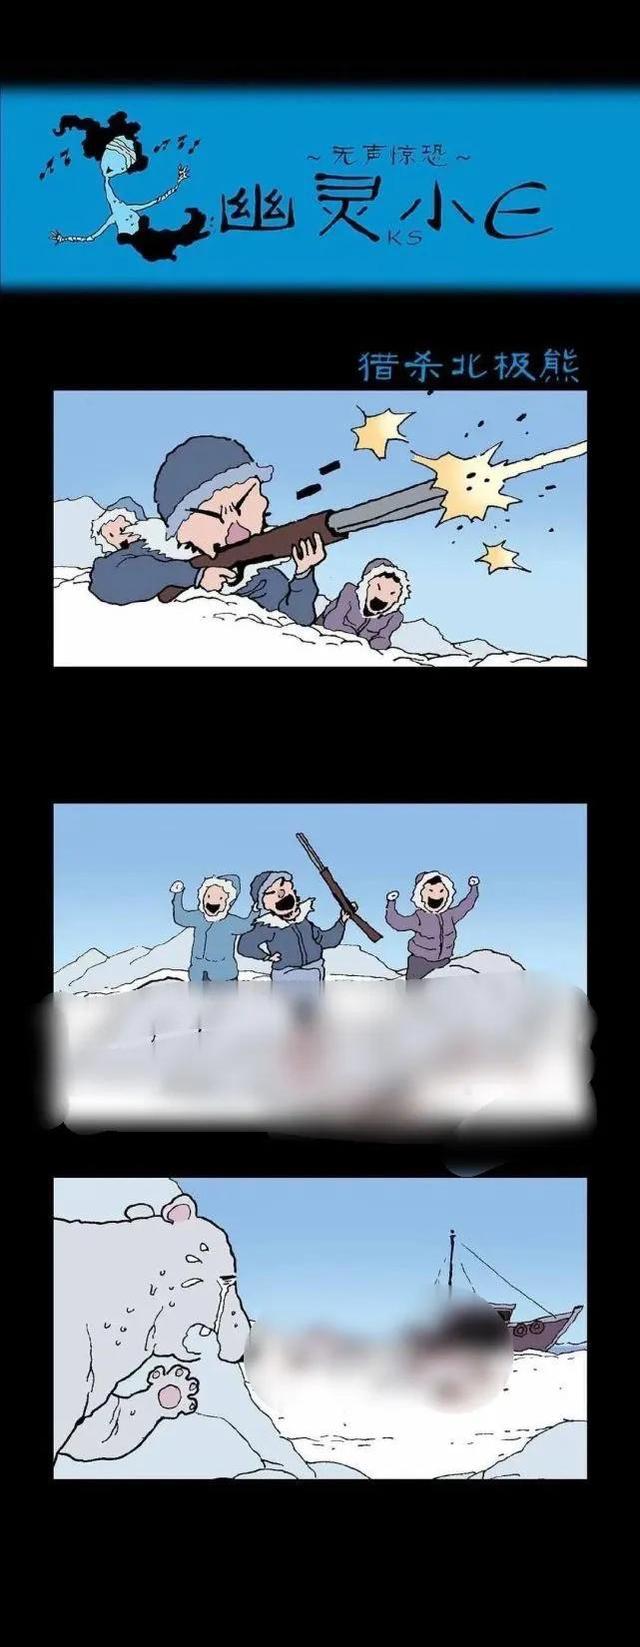 漫画恐怖,无声恐怖人性漫画《猎杀》,可恶的偷猎者